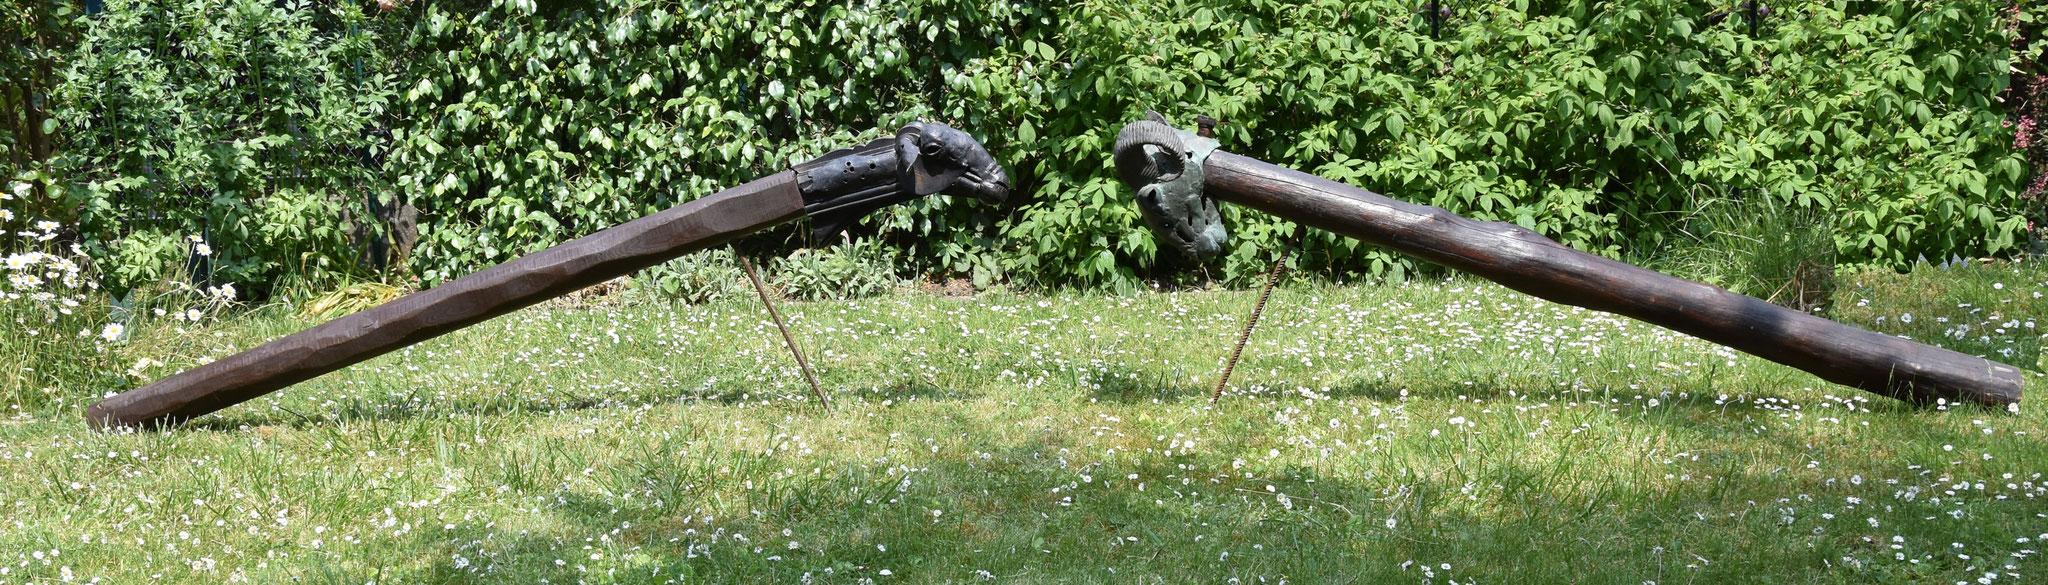 """Ensemble de sculptures bronze et bois- """"BÉLIER 1"""" : L: 250 cm, H: 80 cm ,l: 35  cm / """"BÉLIER 2"""" : L: 250 cm, H: 80 cm ,l: 35  cm, JP Douziech"""